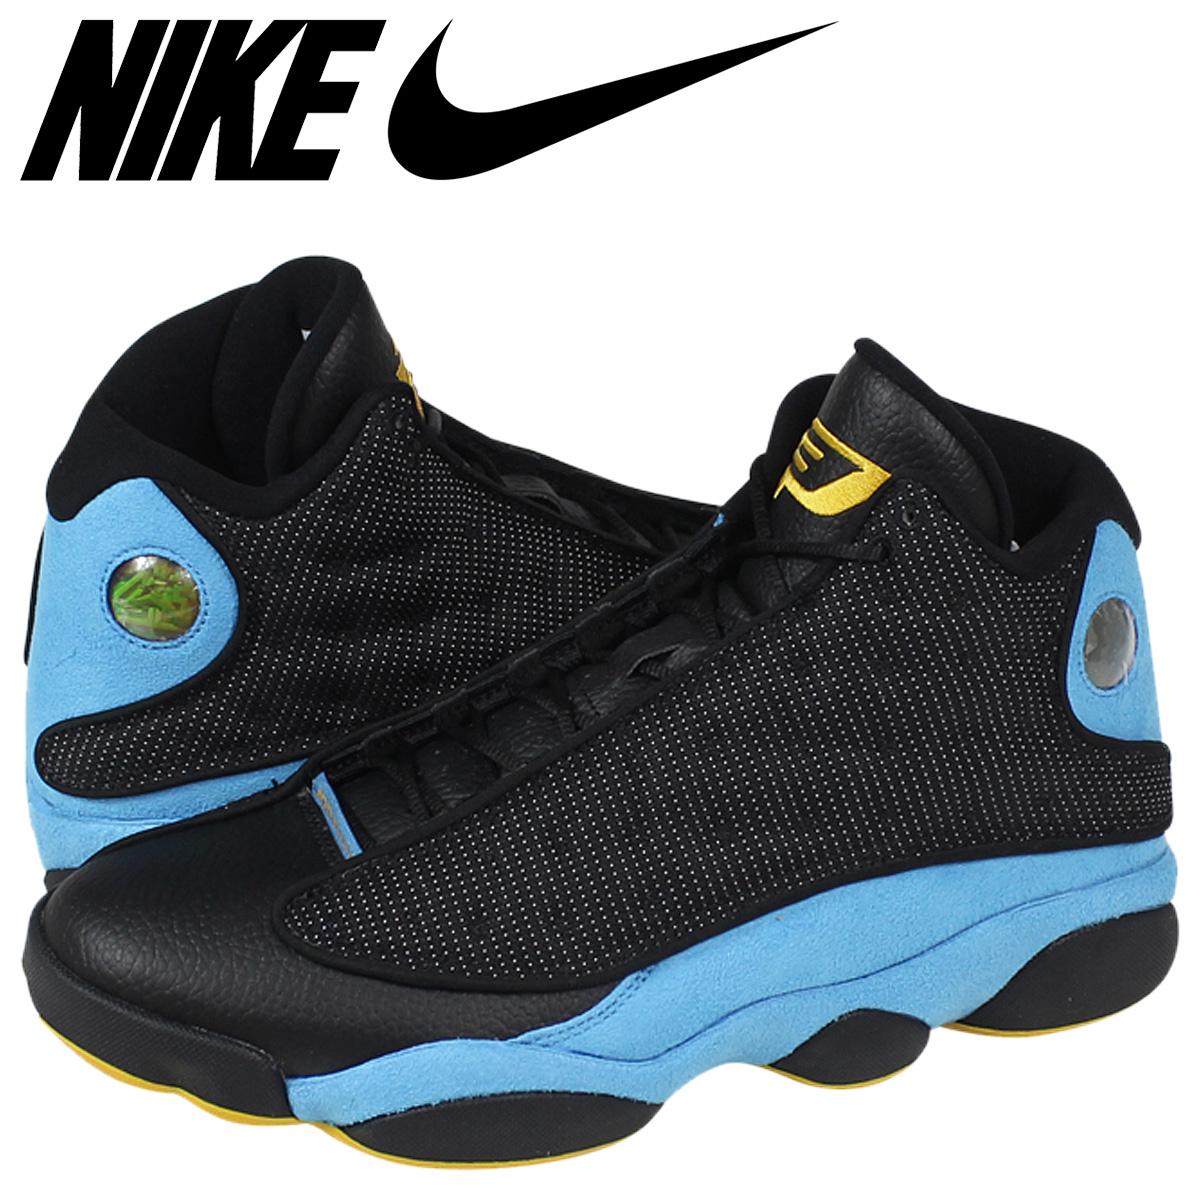 a2952aaba48 Nike NIKE Air Jordan sneakers AIR JORDAN 13 RETRO CP3 Air Jordan 13 retro  Chris Paul ...